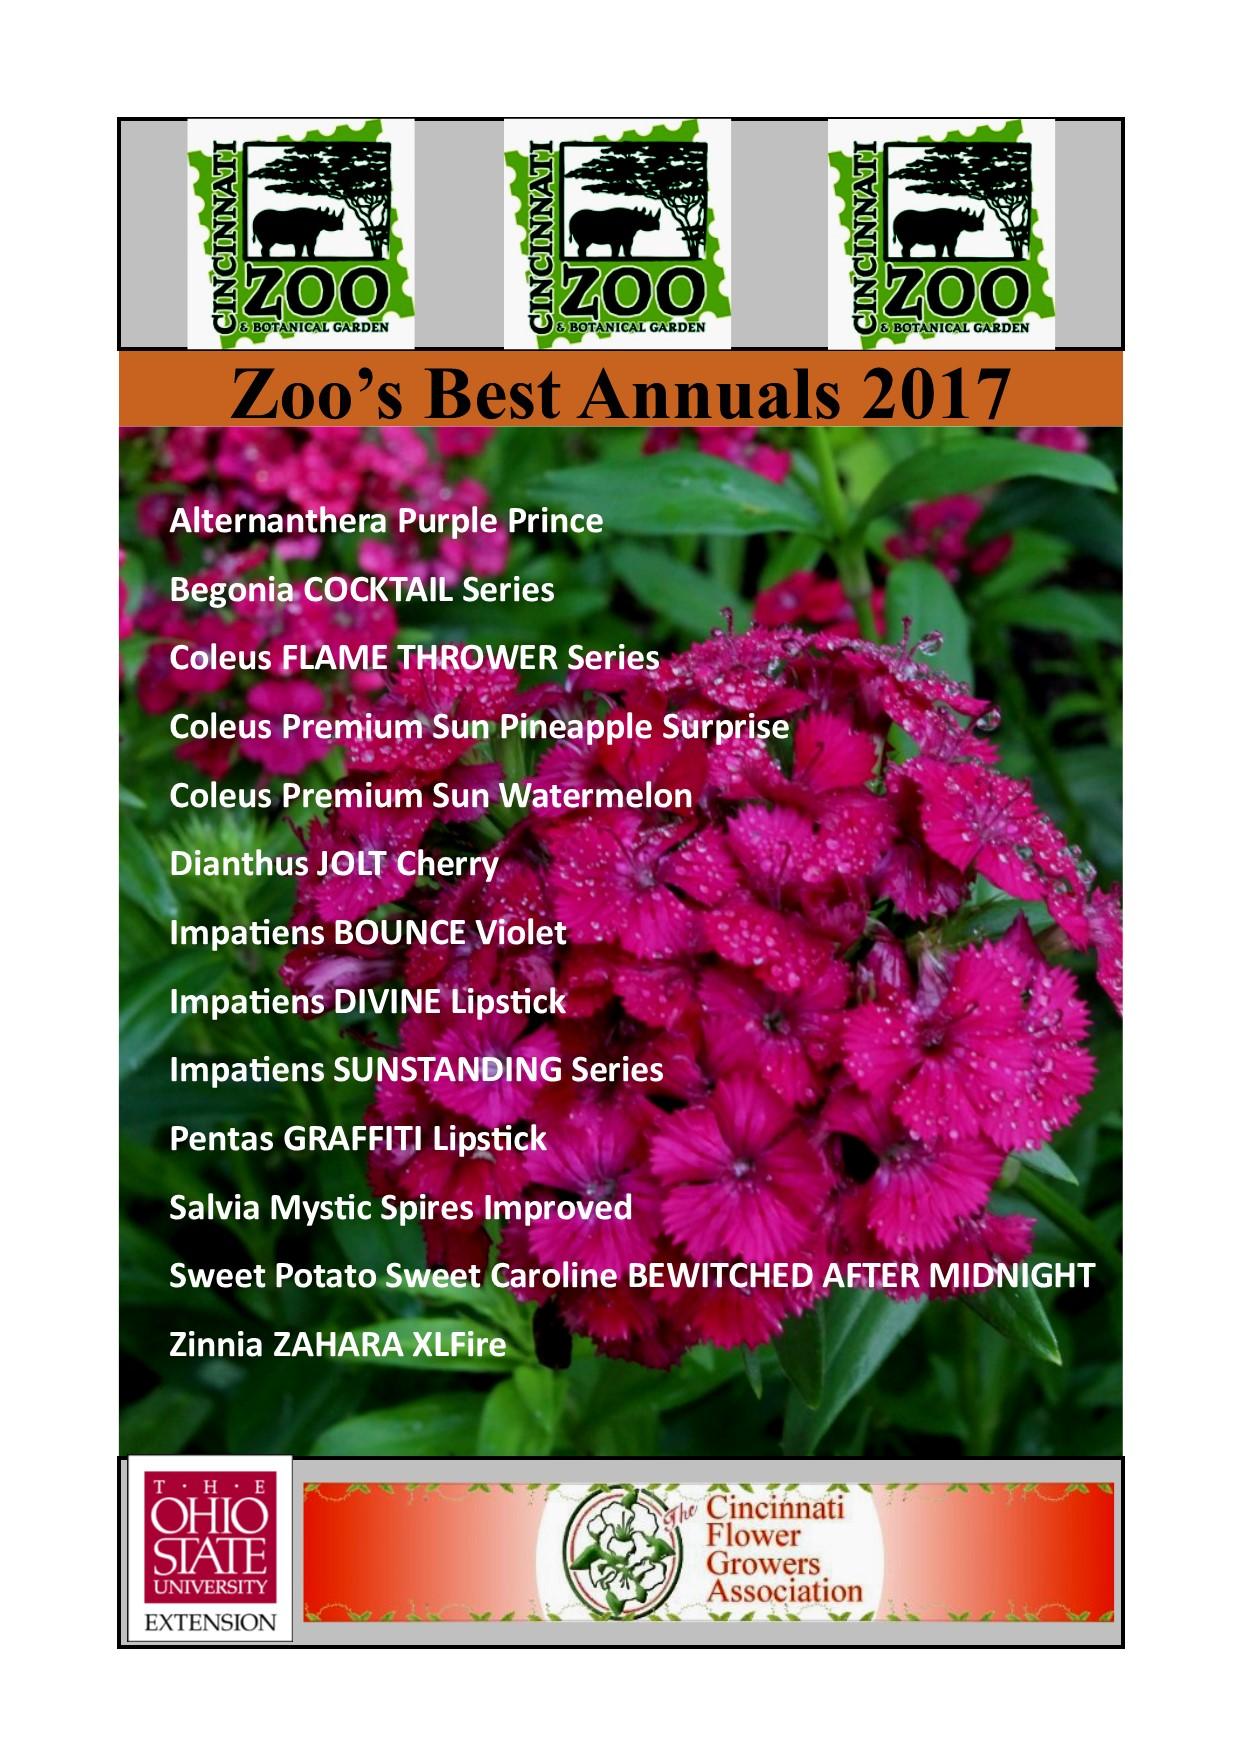 Zoo Garden Experts Reveal 2017 Picks For Best Annuals Cincinnati